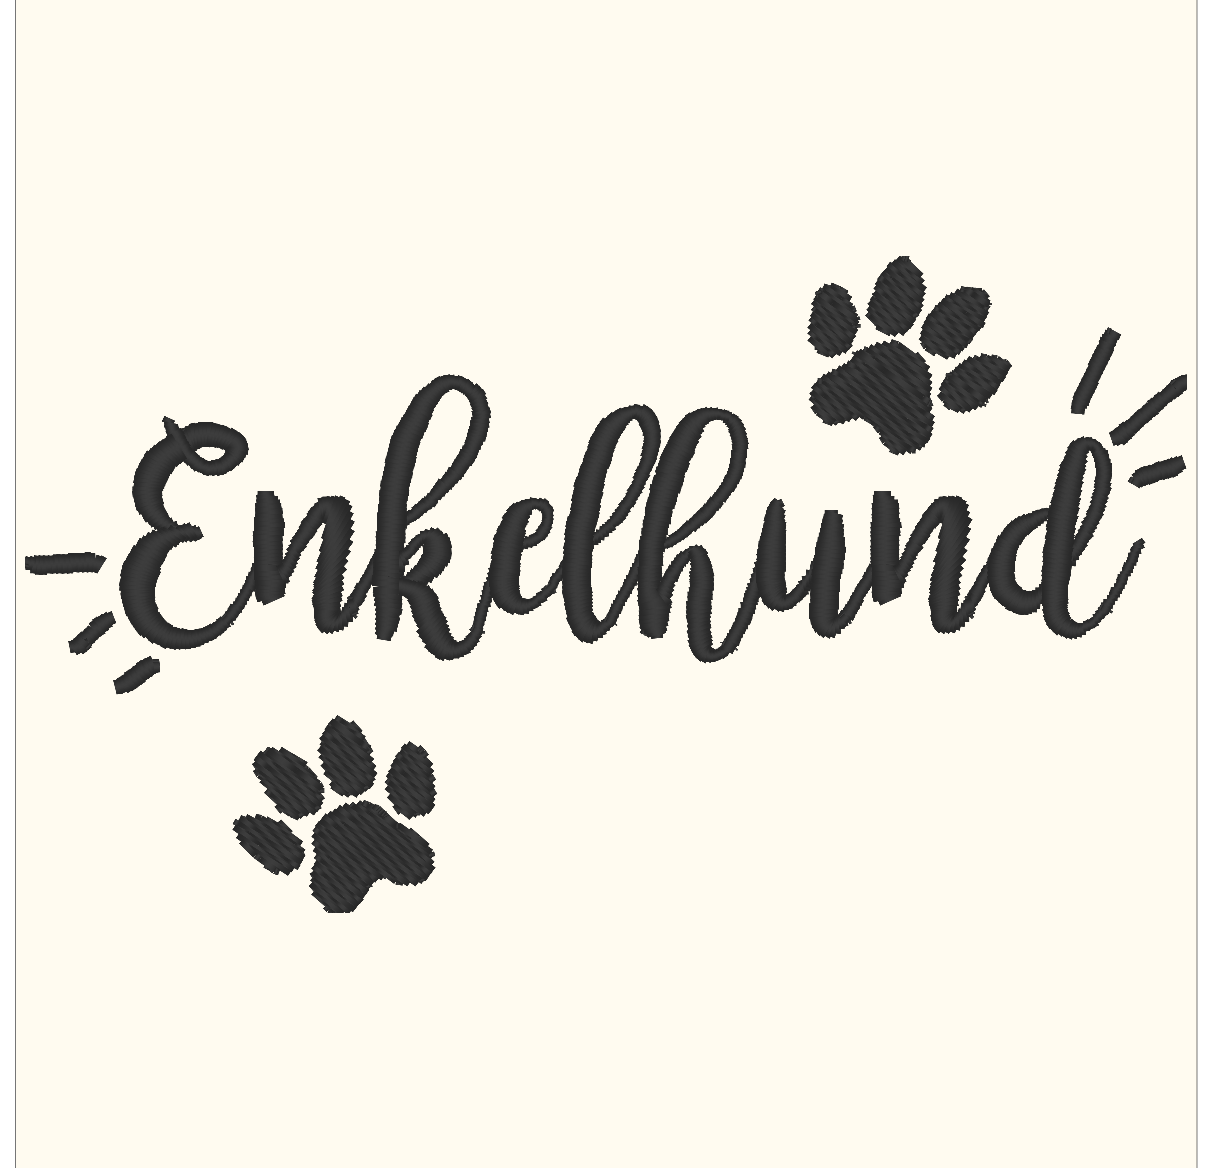 Enkelhund_2_bromello-001